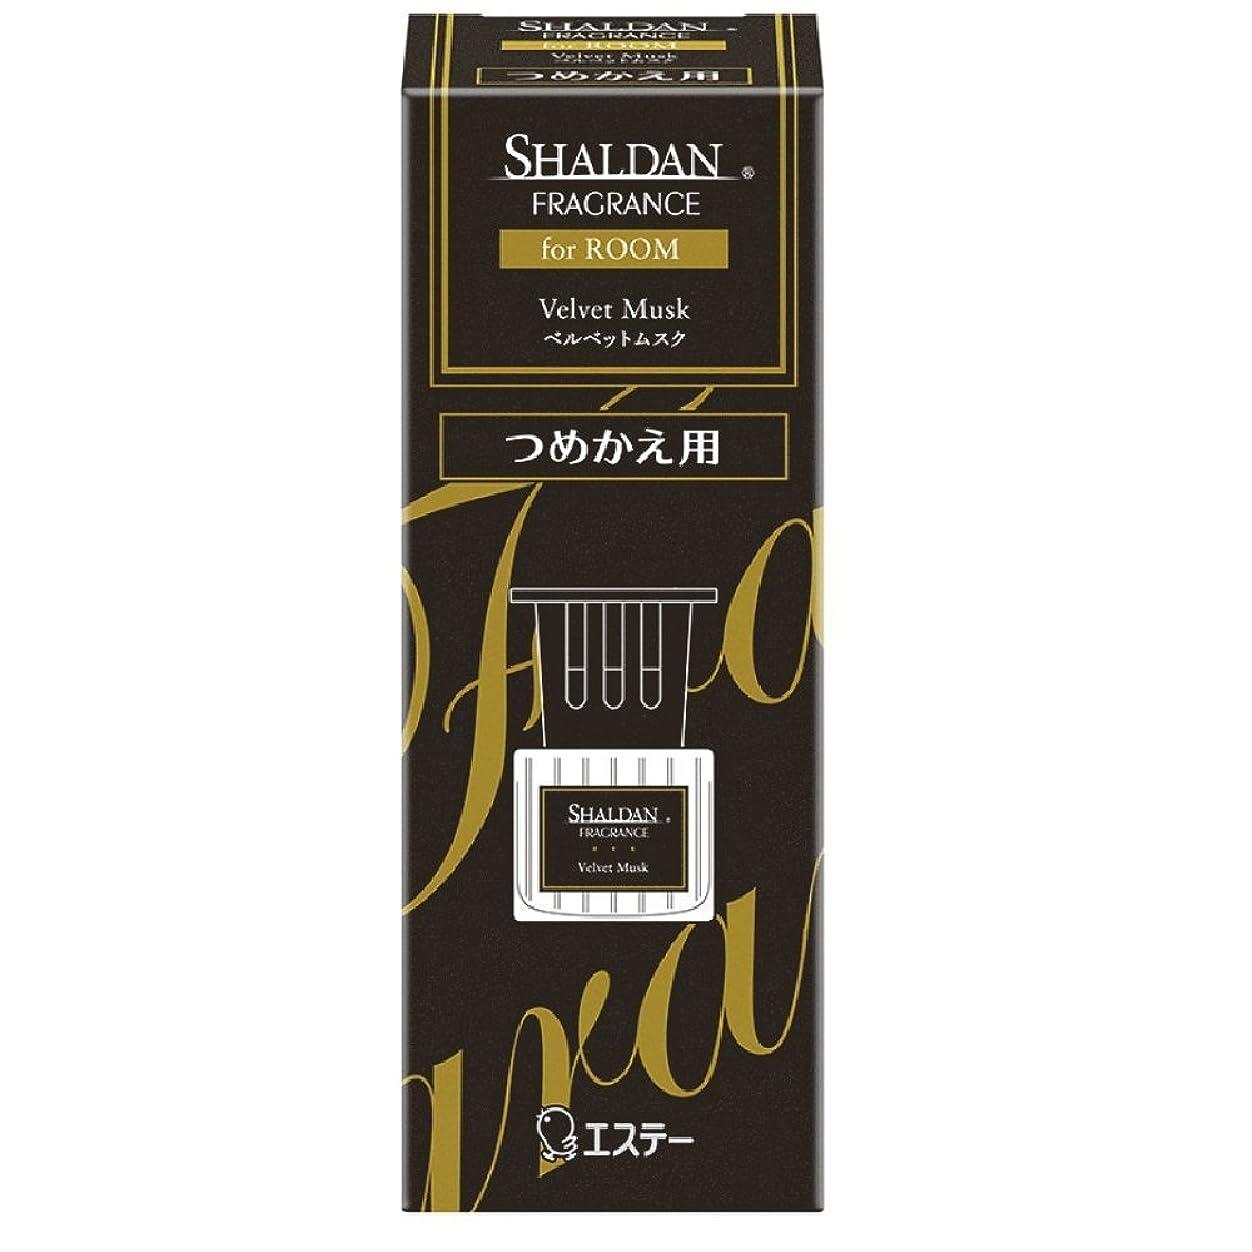 宣言温帯匿名シャルダン SHALDAN フレグランス for ROOM 芳香剤 部屋用 部屋 つめかえ ベルベットムスク 65ml